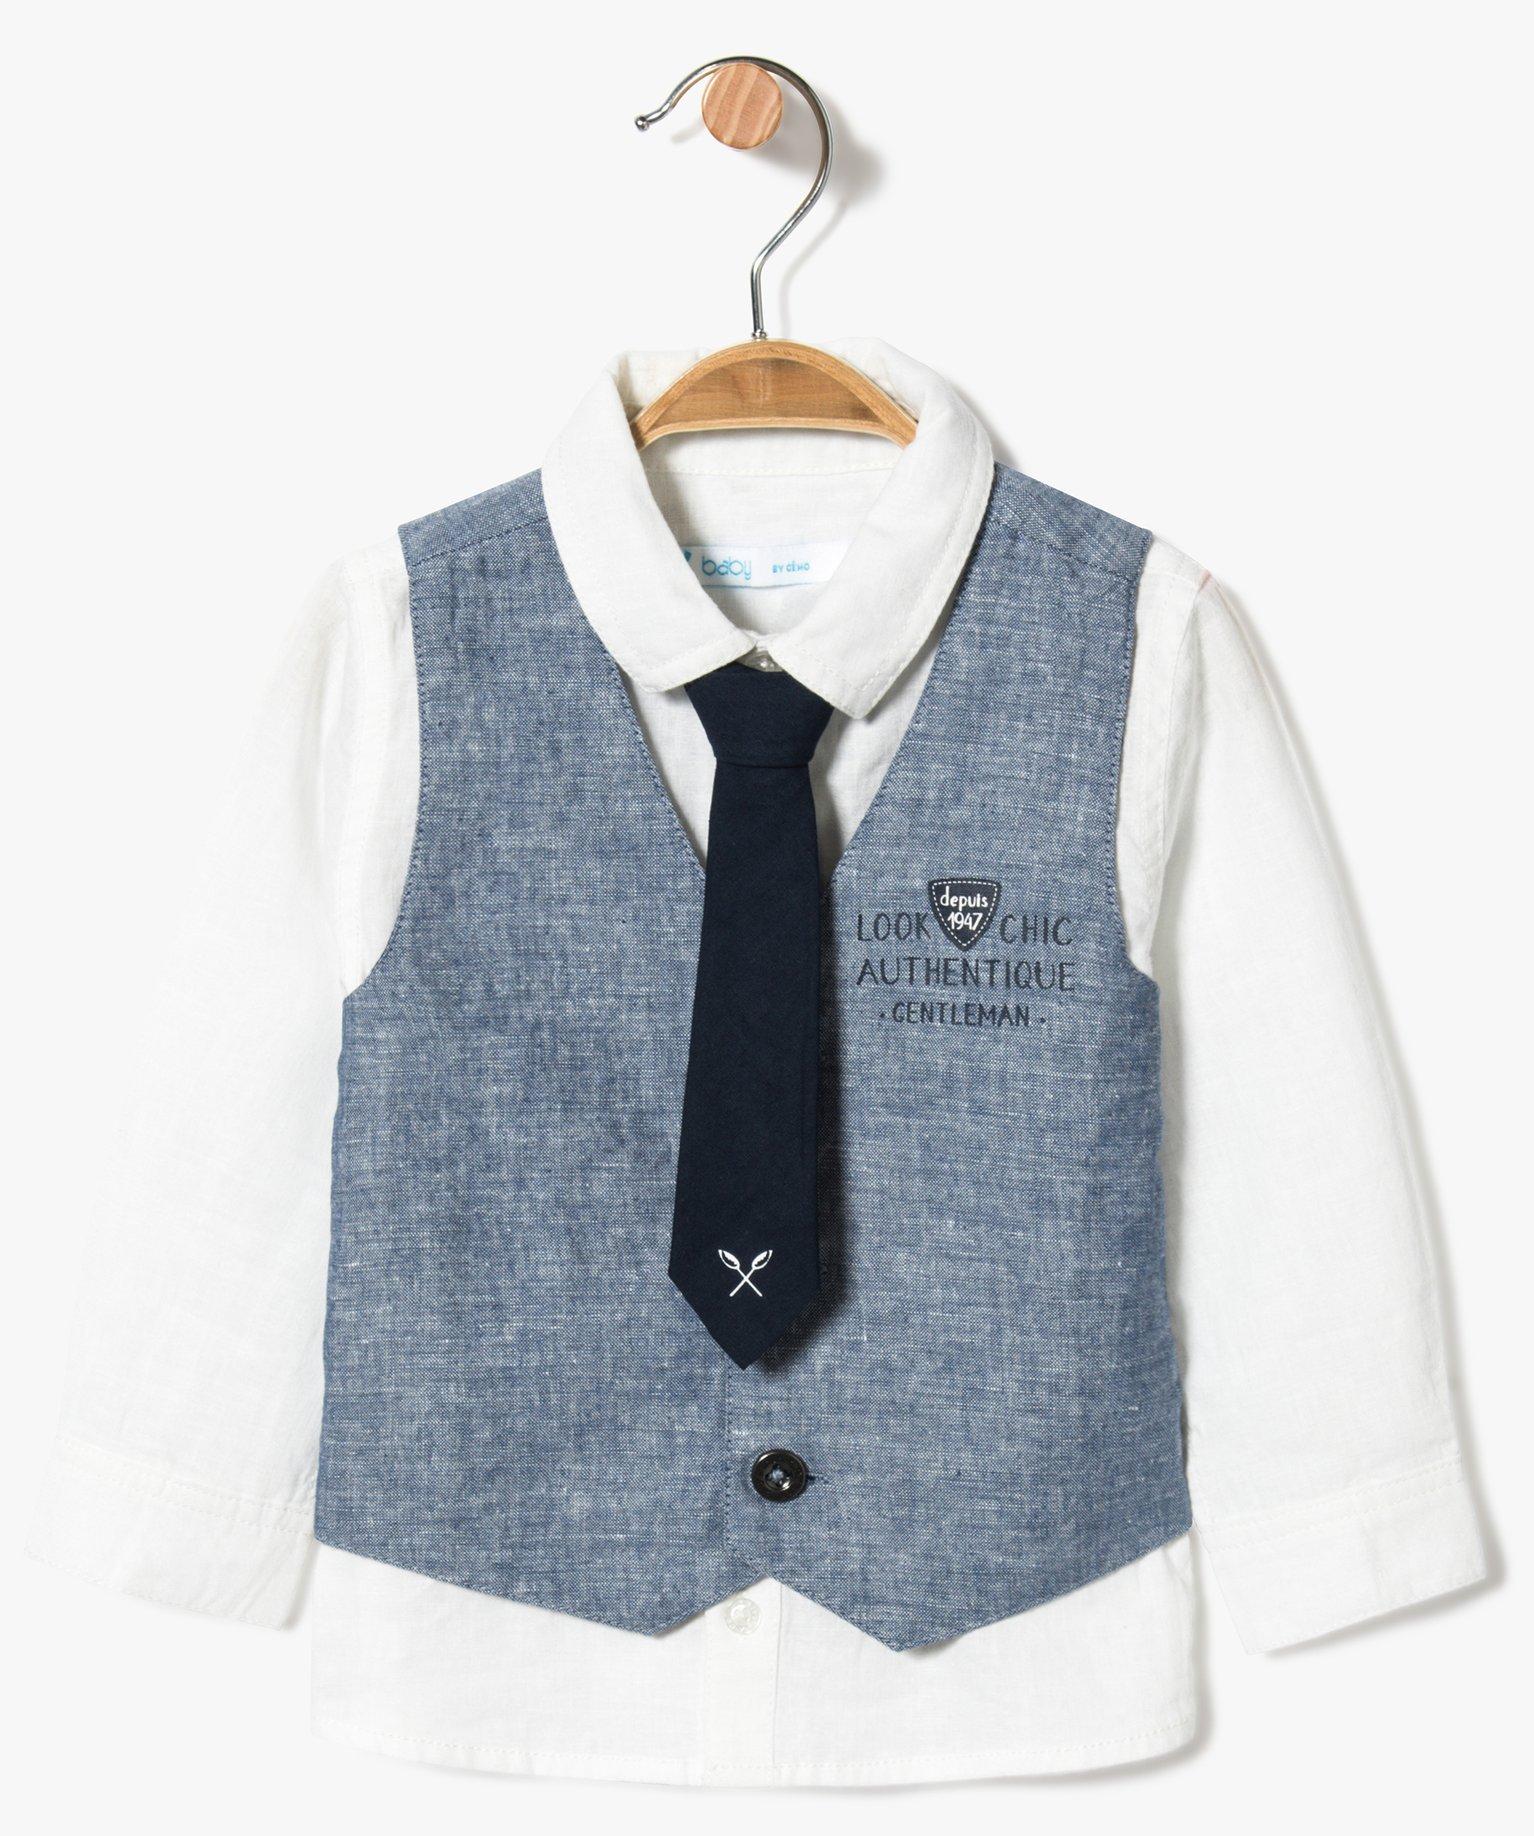 Ensemble 3 pièces chic : chemise + gilet sans manches + cravate